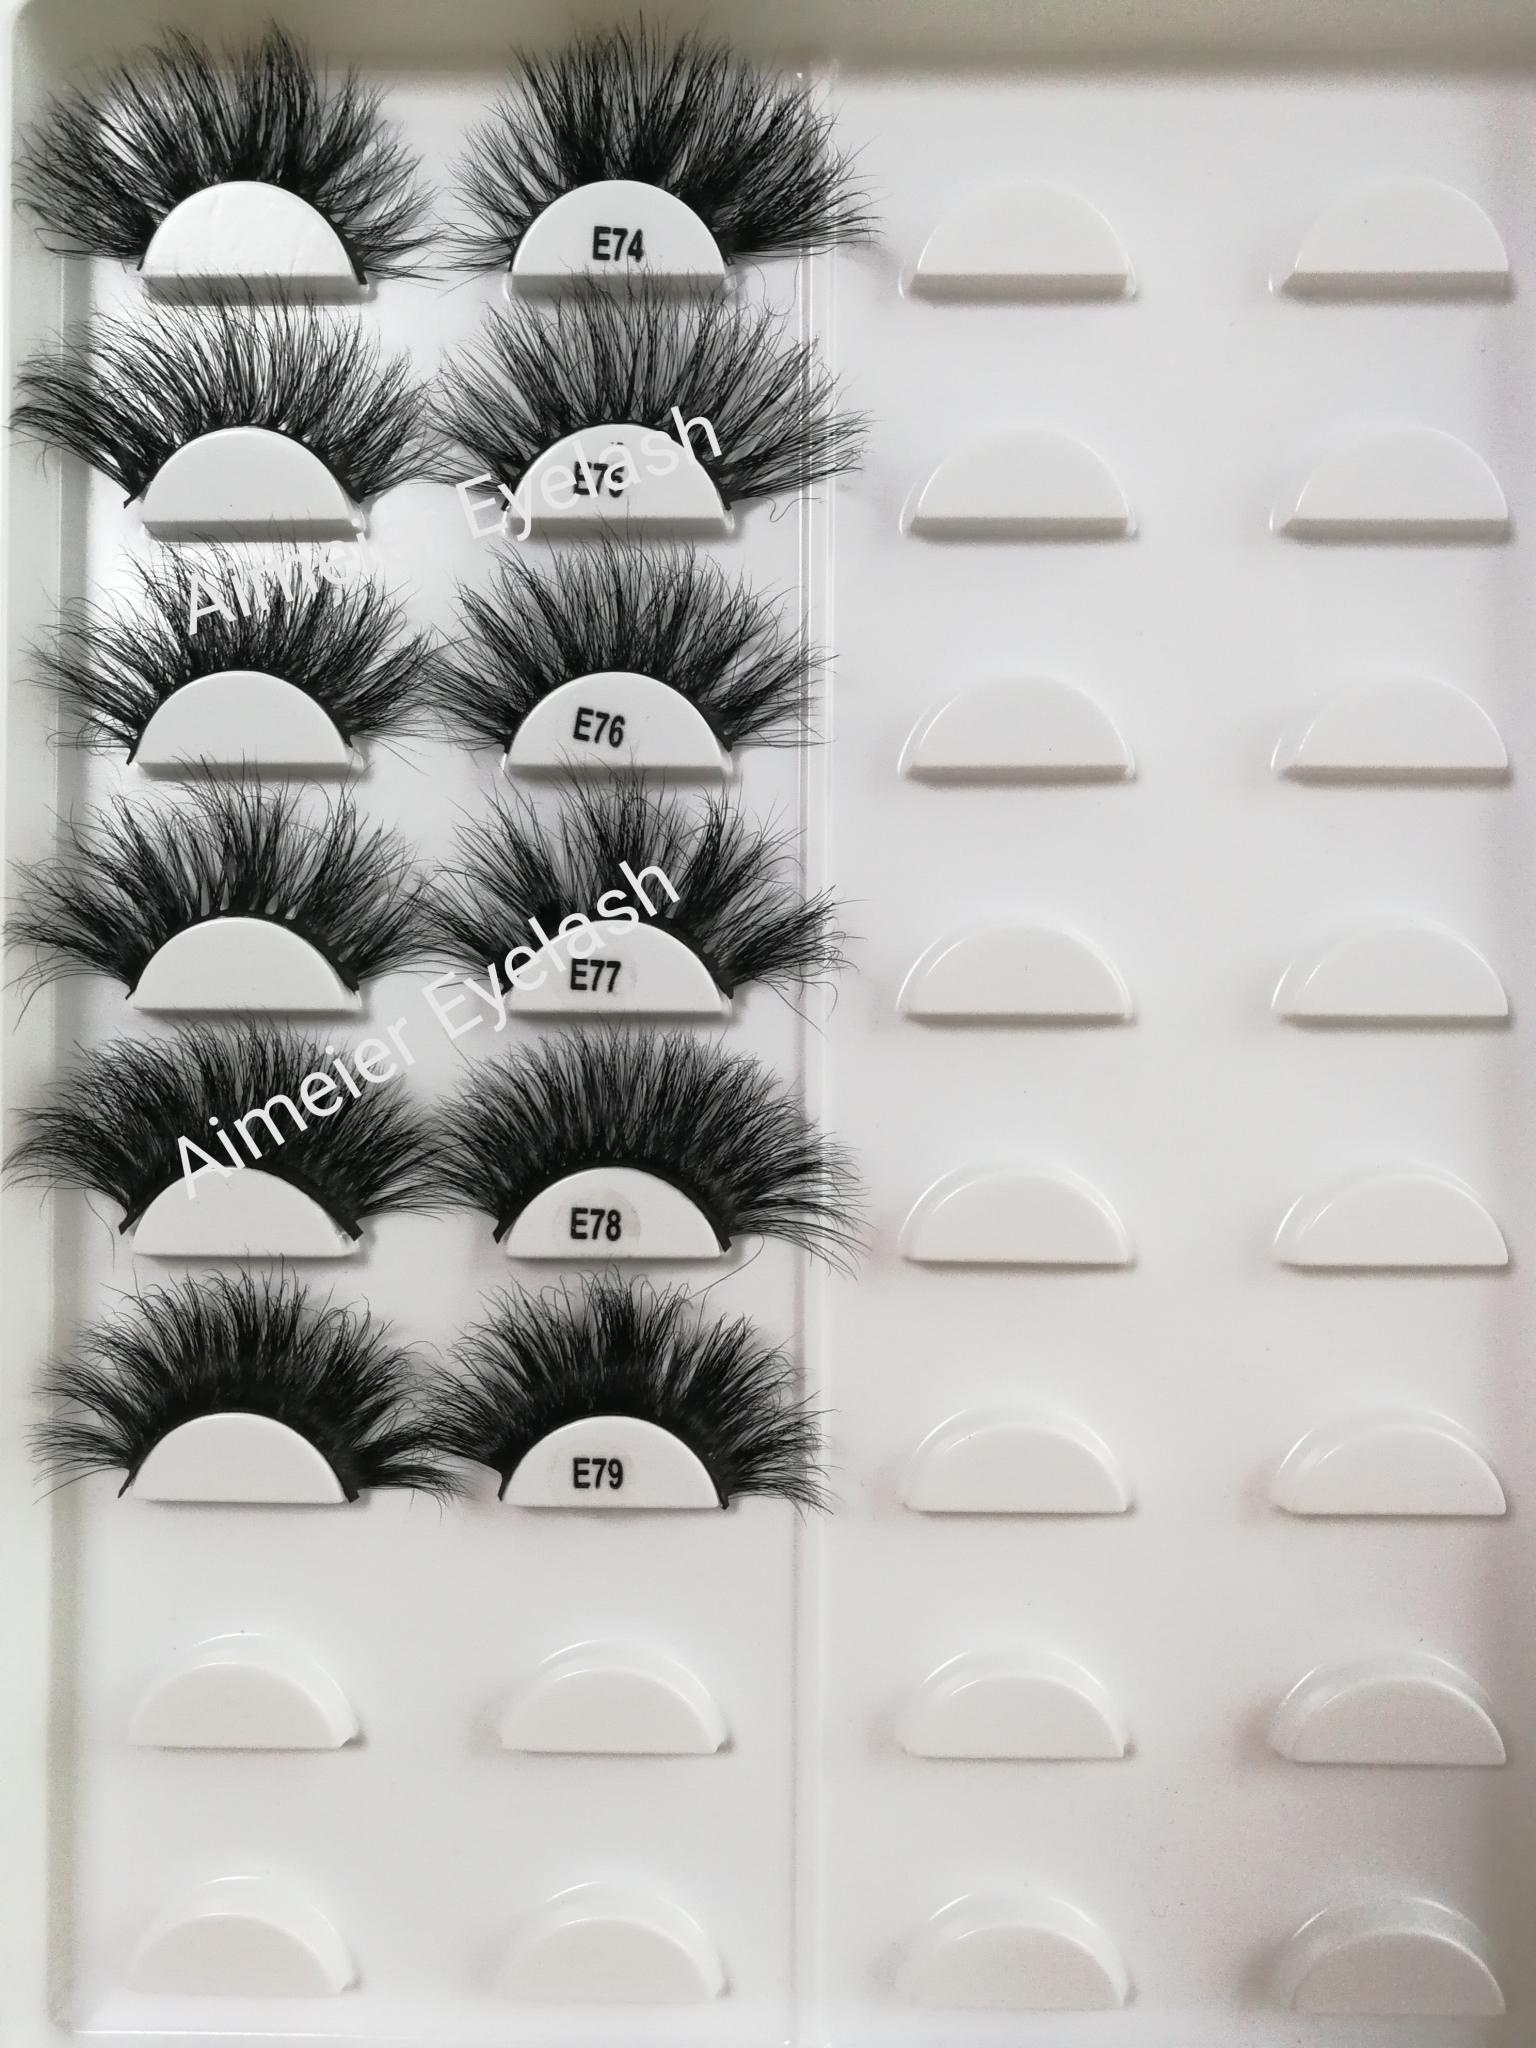 25mm 3d मिंक बरौनी निजी लेबल मिंक eyelashes के साथ कस्टम बरौनी पैकेजिंग